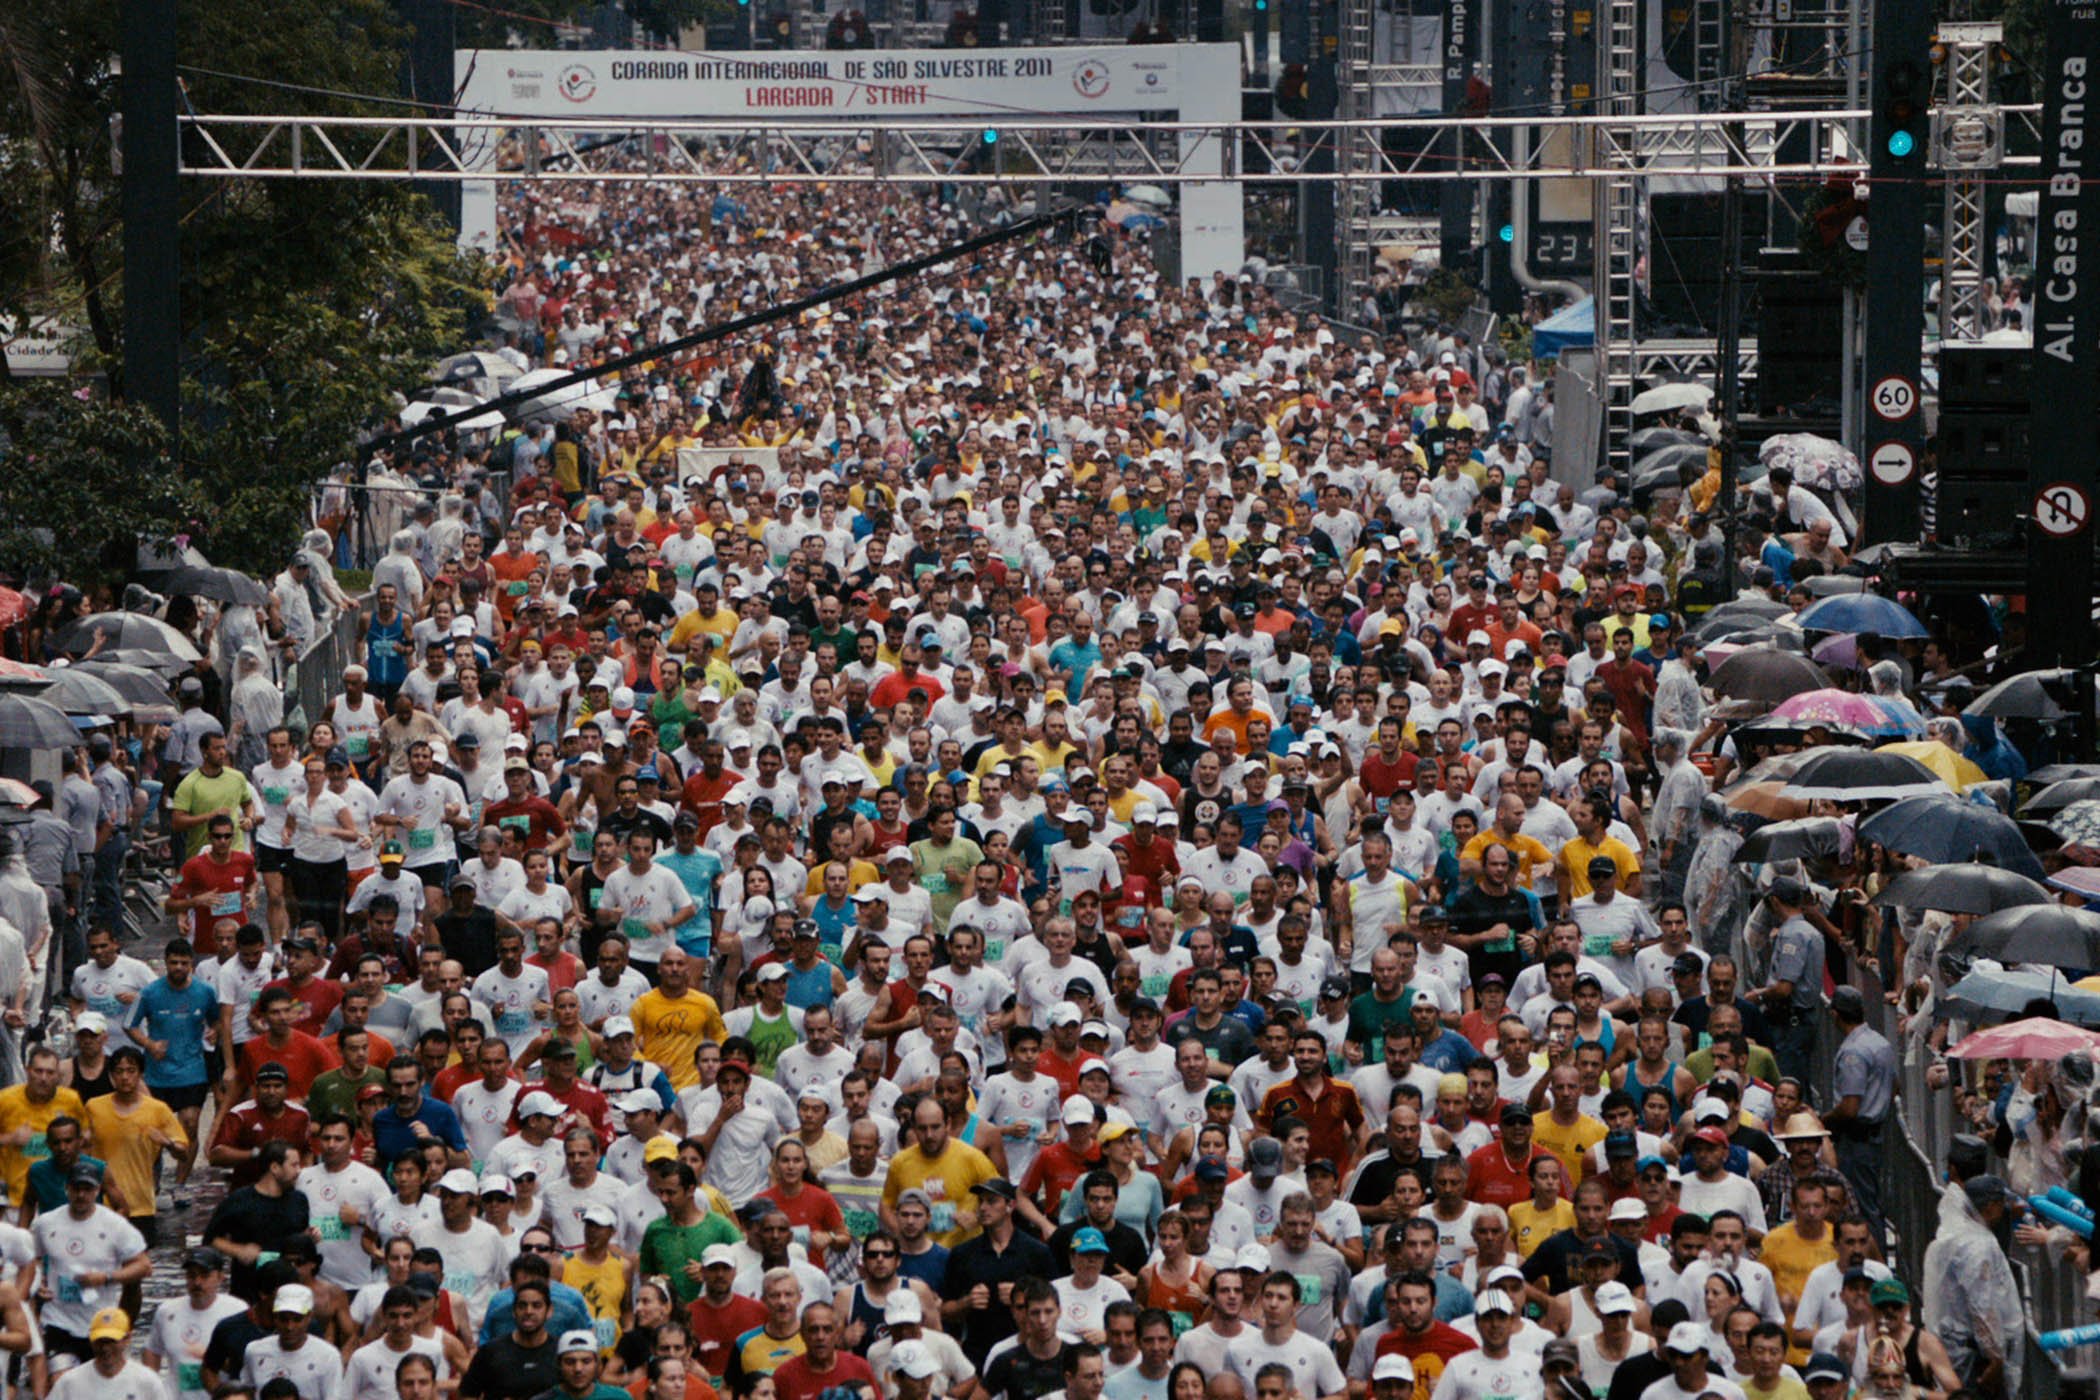 Largada da São Silvestre. O novo documentário da professora Lina Chamie conta a história do corredor comum.